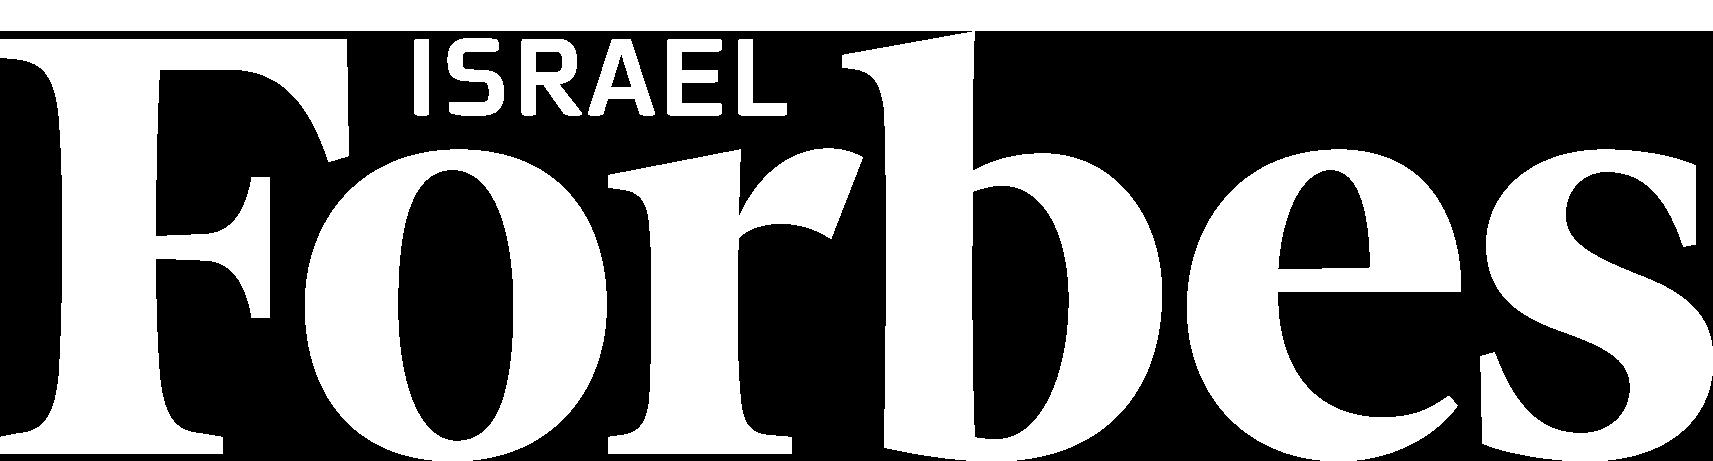 לוגו פורבס ישראל